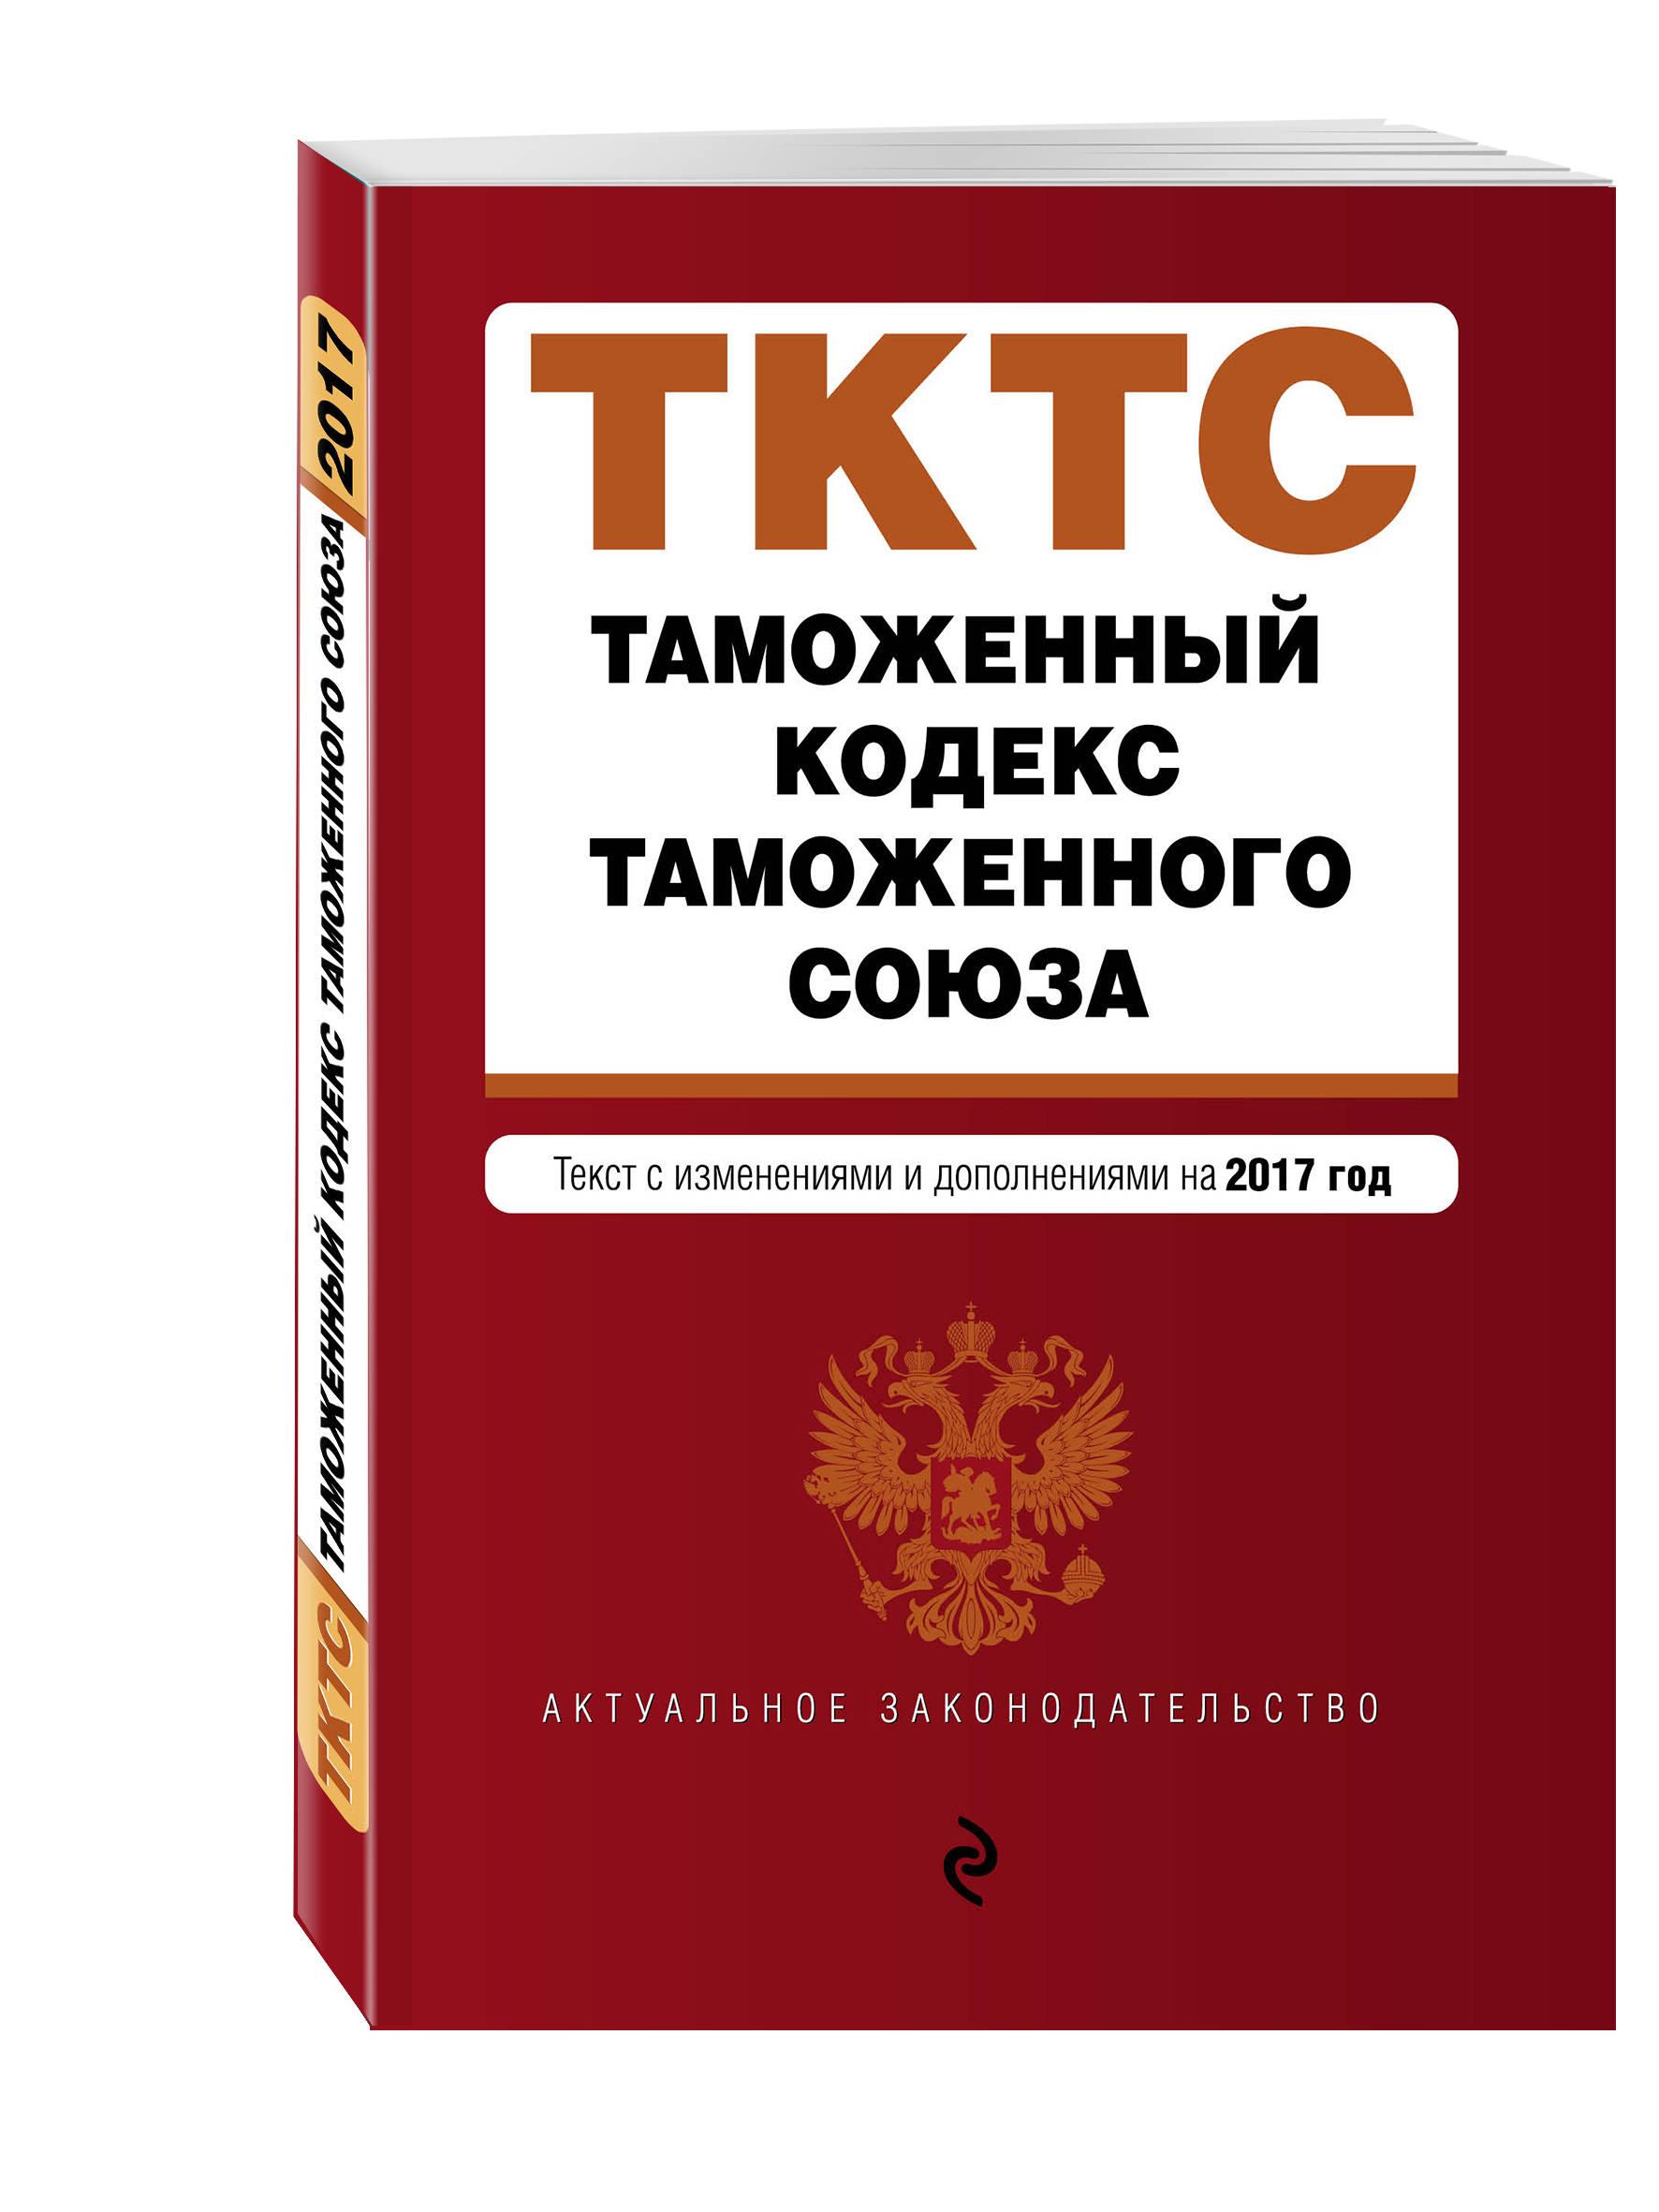 Таможенный кодекс Таможенного союза: текст с изменениями и дополнениями на 2017 г.